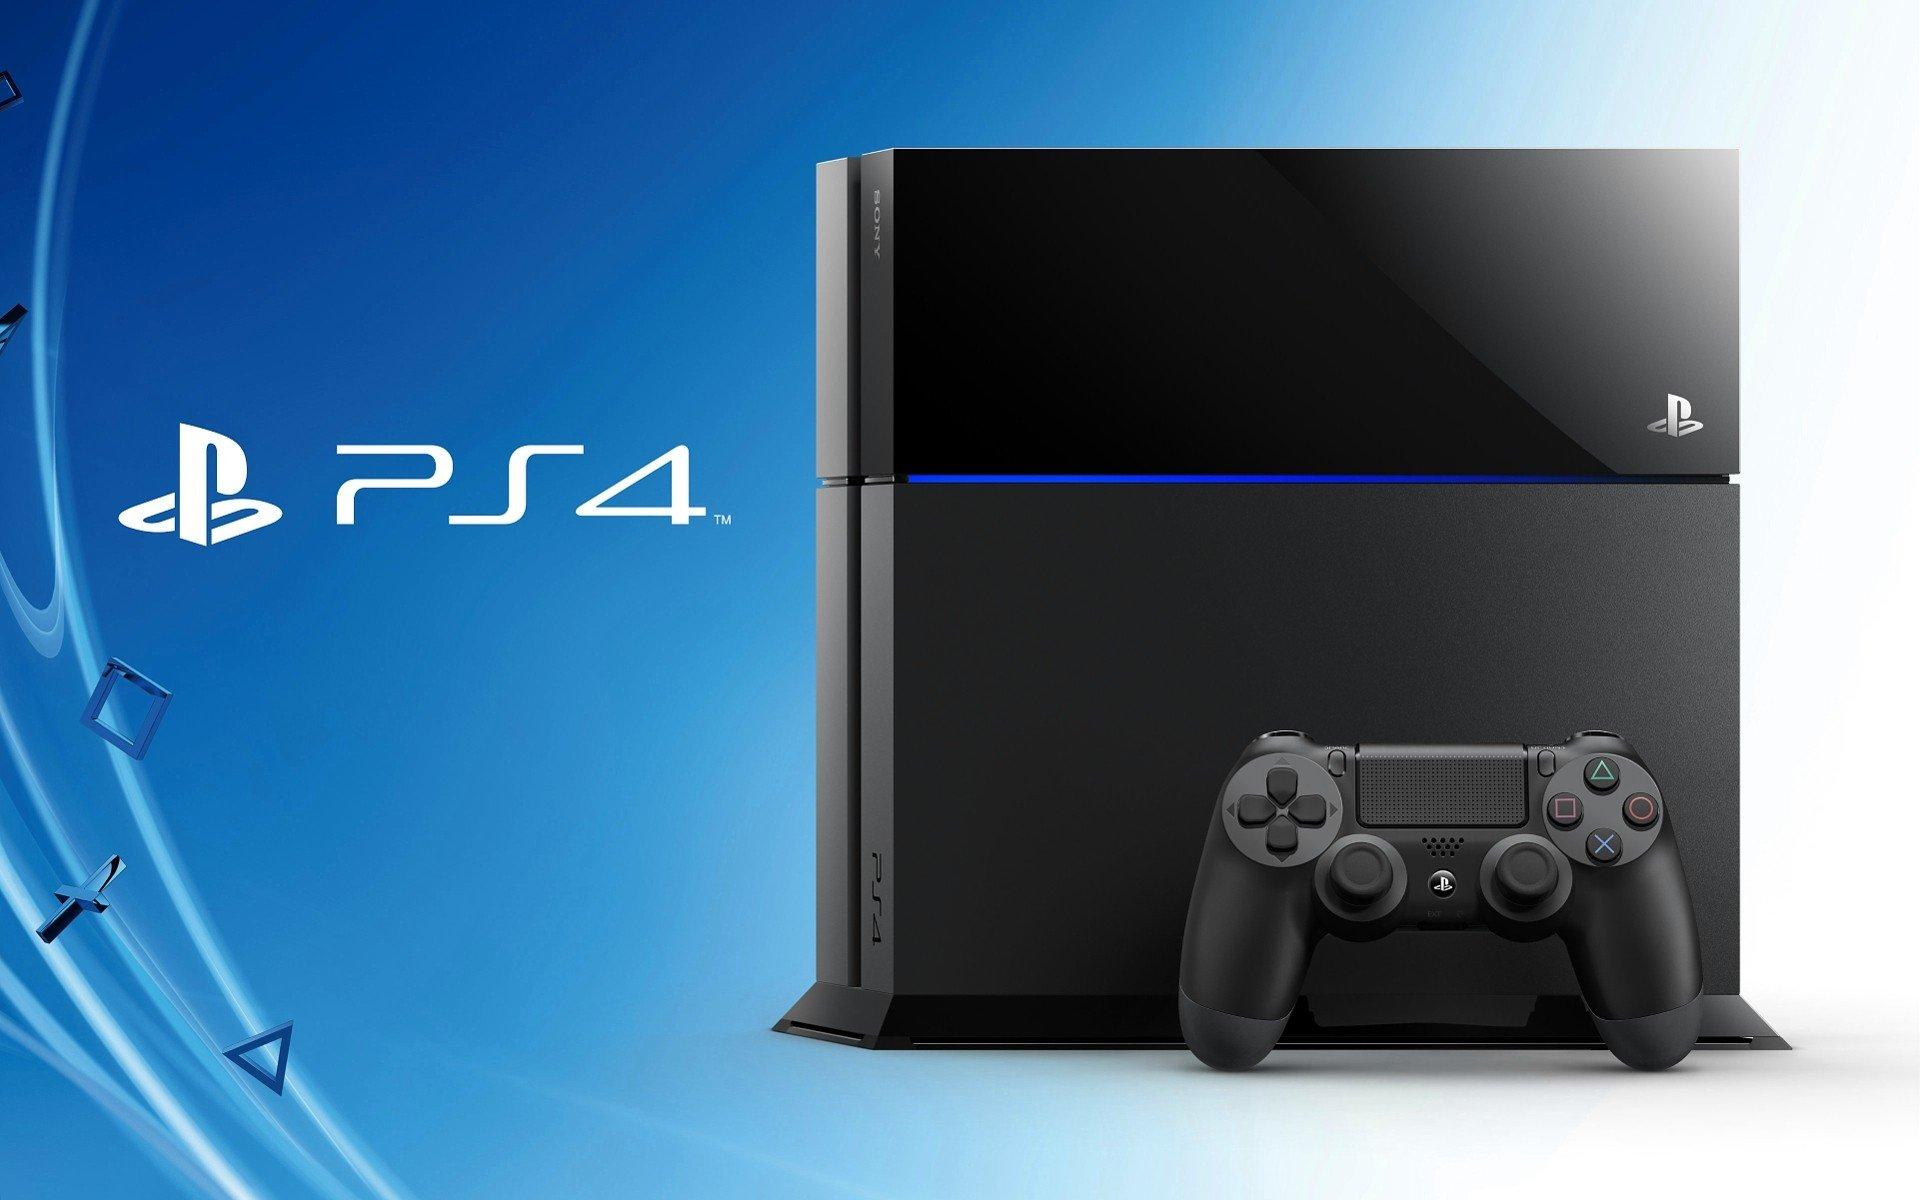 Обладатели PS4, добавляемся в друзья для совместной игры.   Мои игры на данный момент: -Killzone Shadow Fall-Knack-B ... - Изображение 1